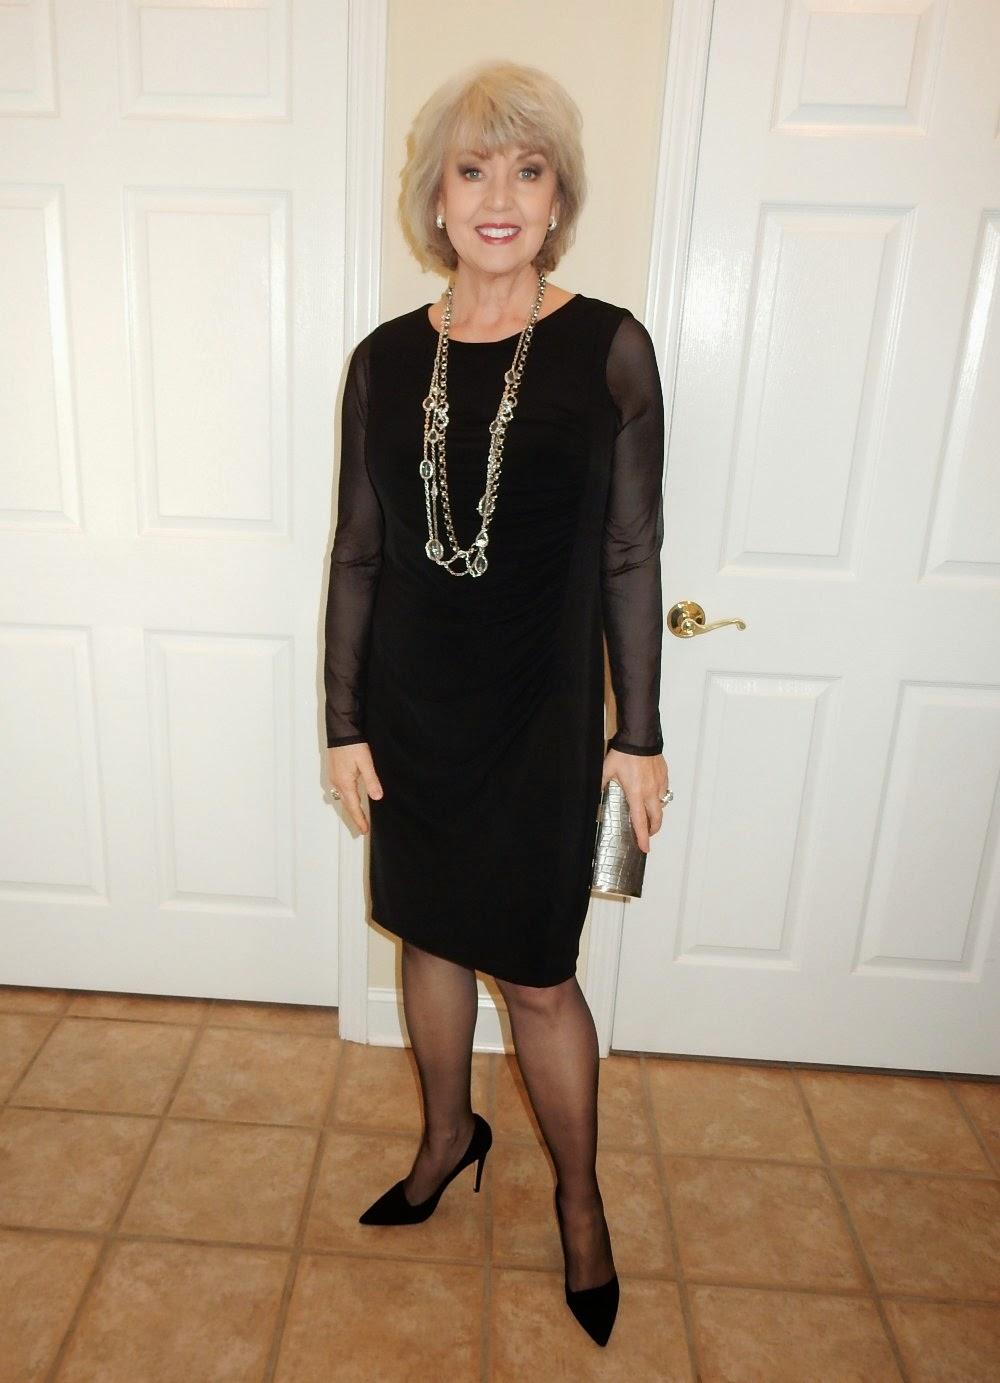 Black Dresses For Older Women